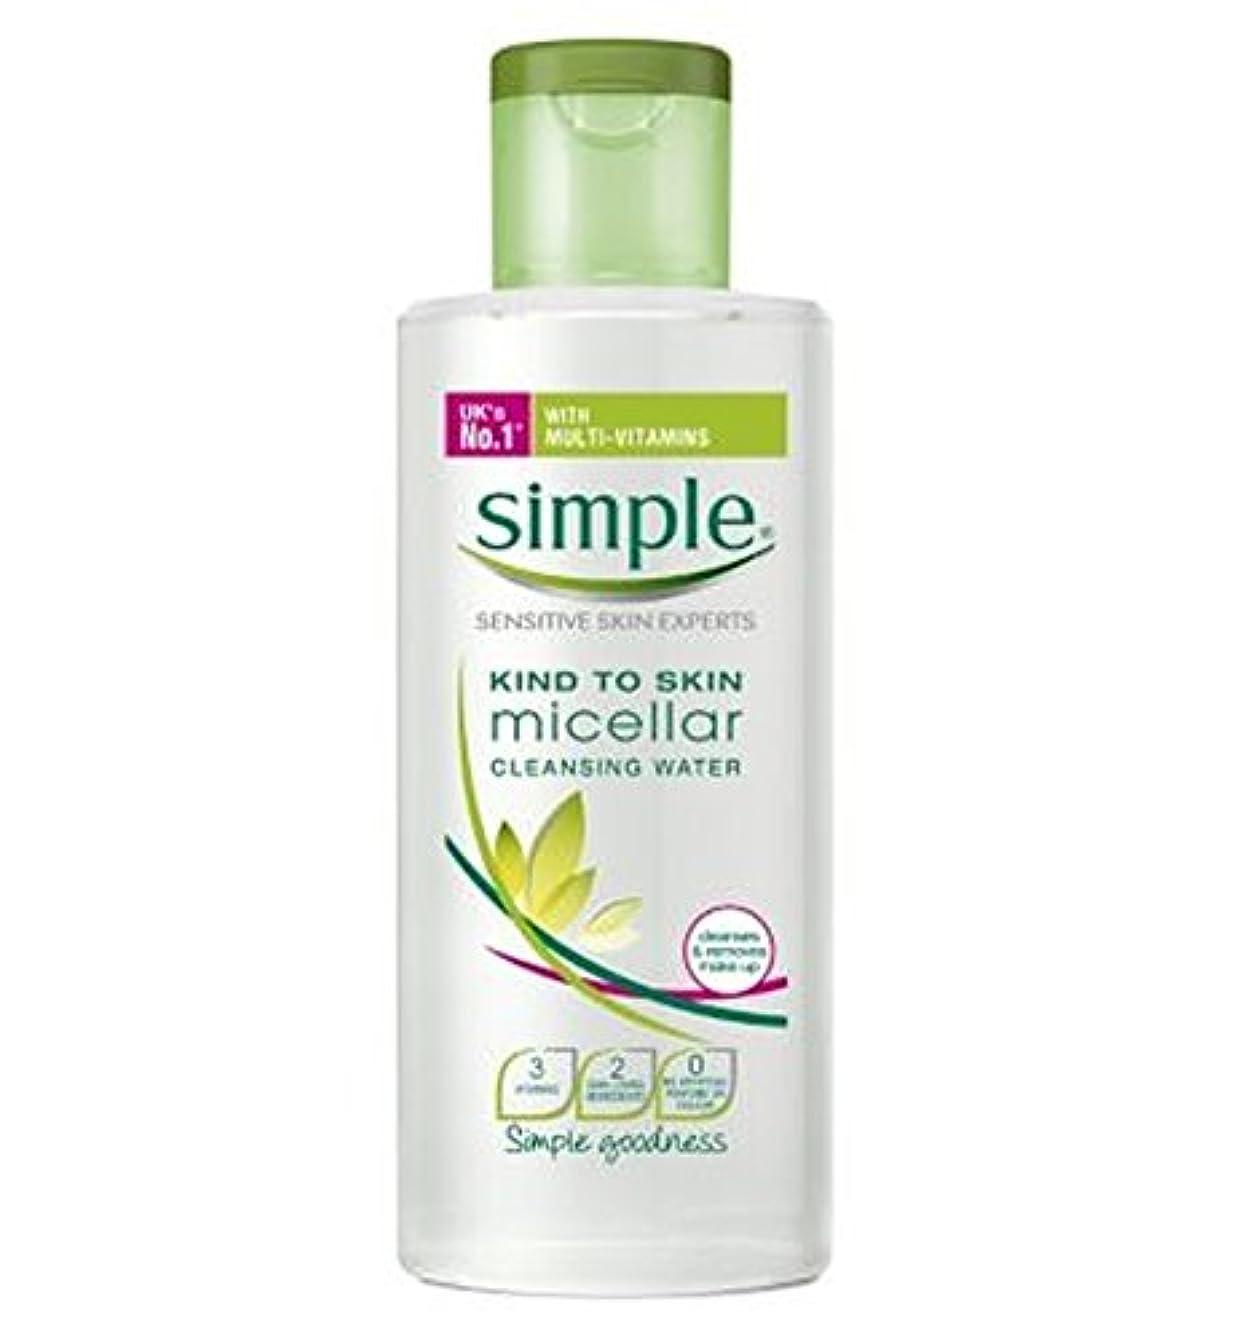 着る製造雪のSimple Kind To Skin Micellar Cleansing Water 200ml - 皮膚ミセル洗浄水200ミリリットルに簡単な種類 (Simple) [並行輸入品]